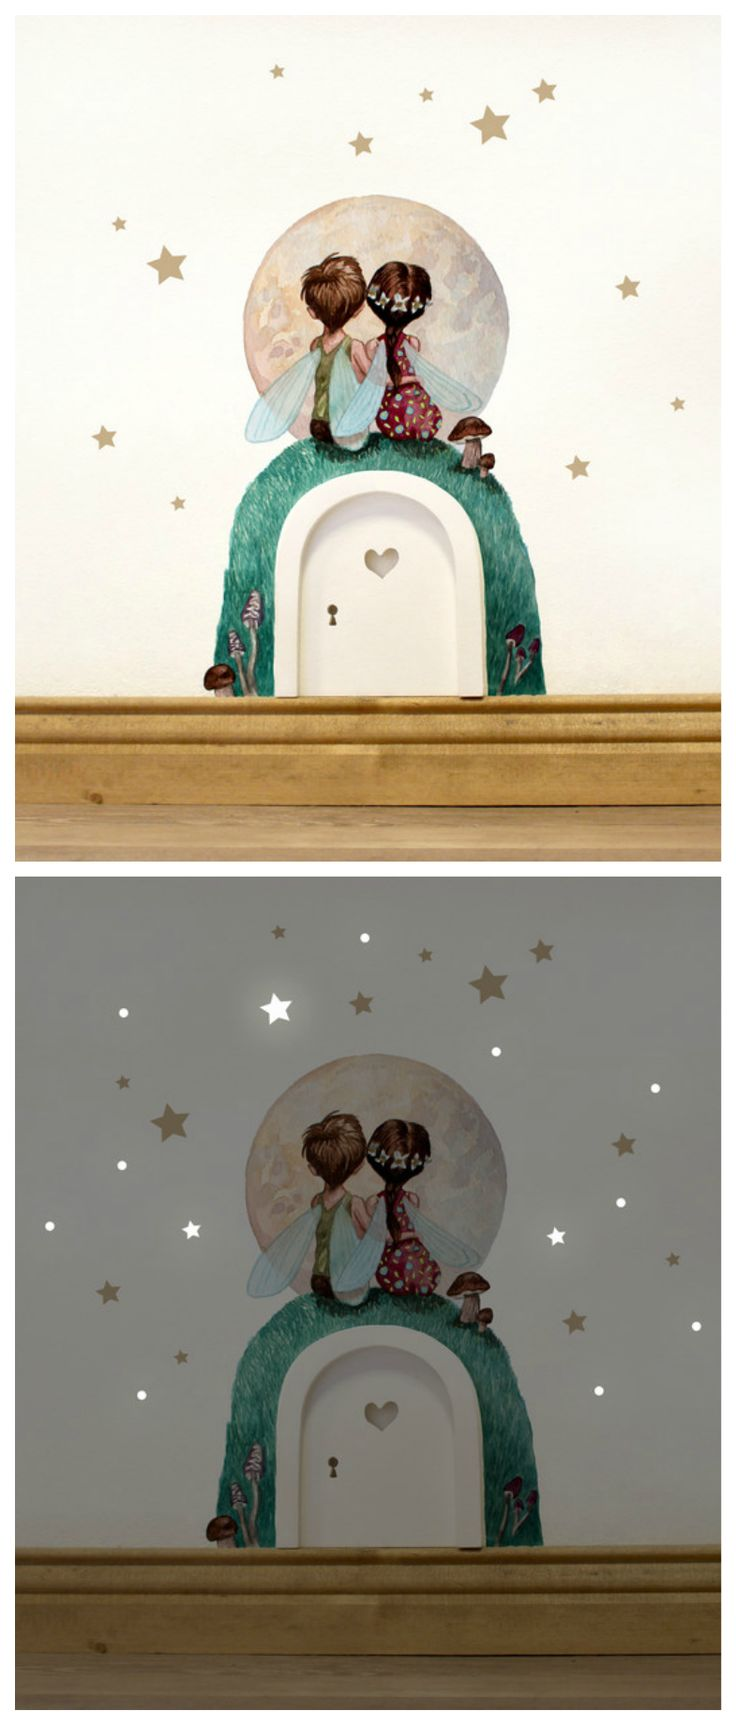 Wandtattoo Elfentür fürs Kinderzimer mit leuchtenden Sternen für die Nacht / nursery decoration: wall tattoo with little fairies and luminous stars made by deinewandkunst via DaWanda.com